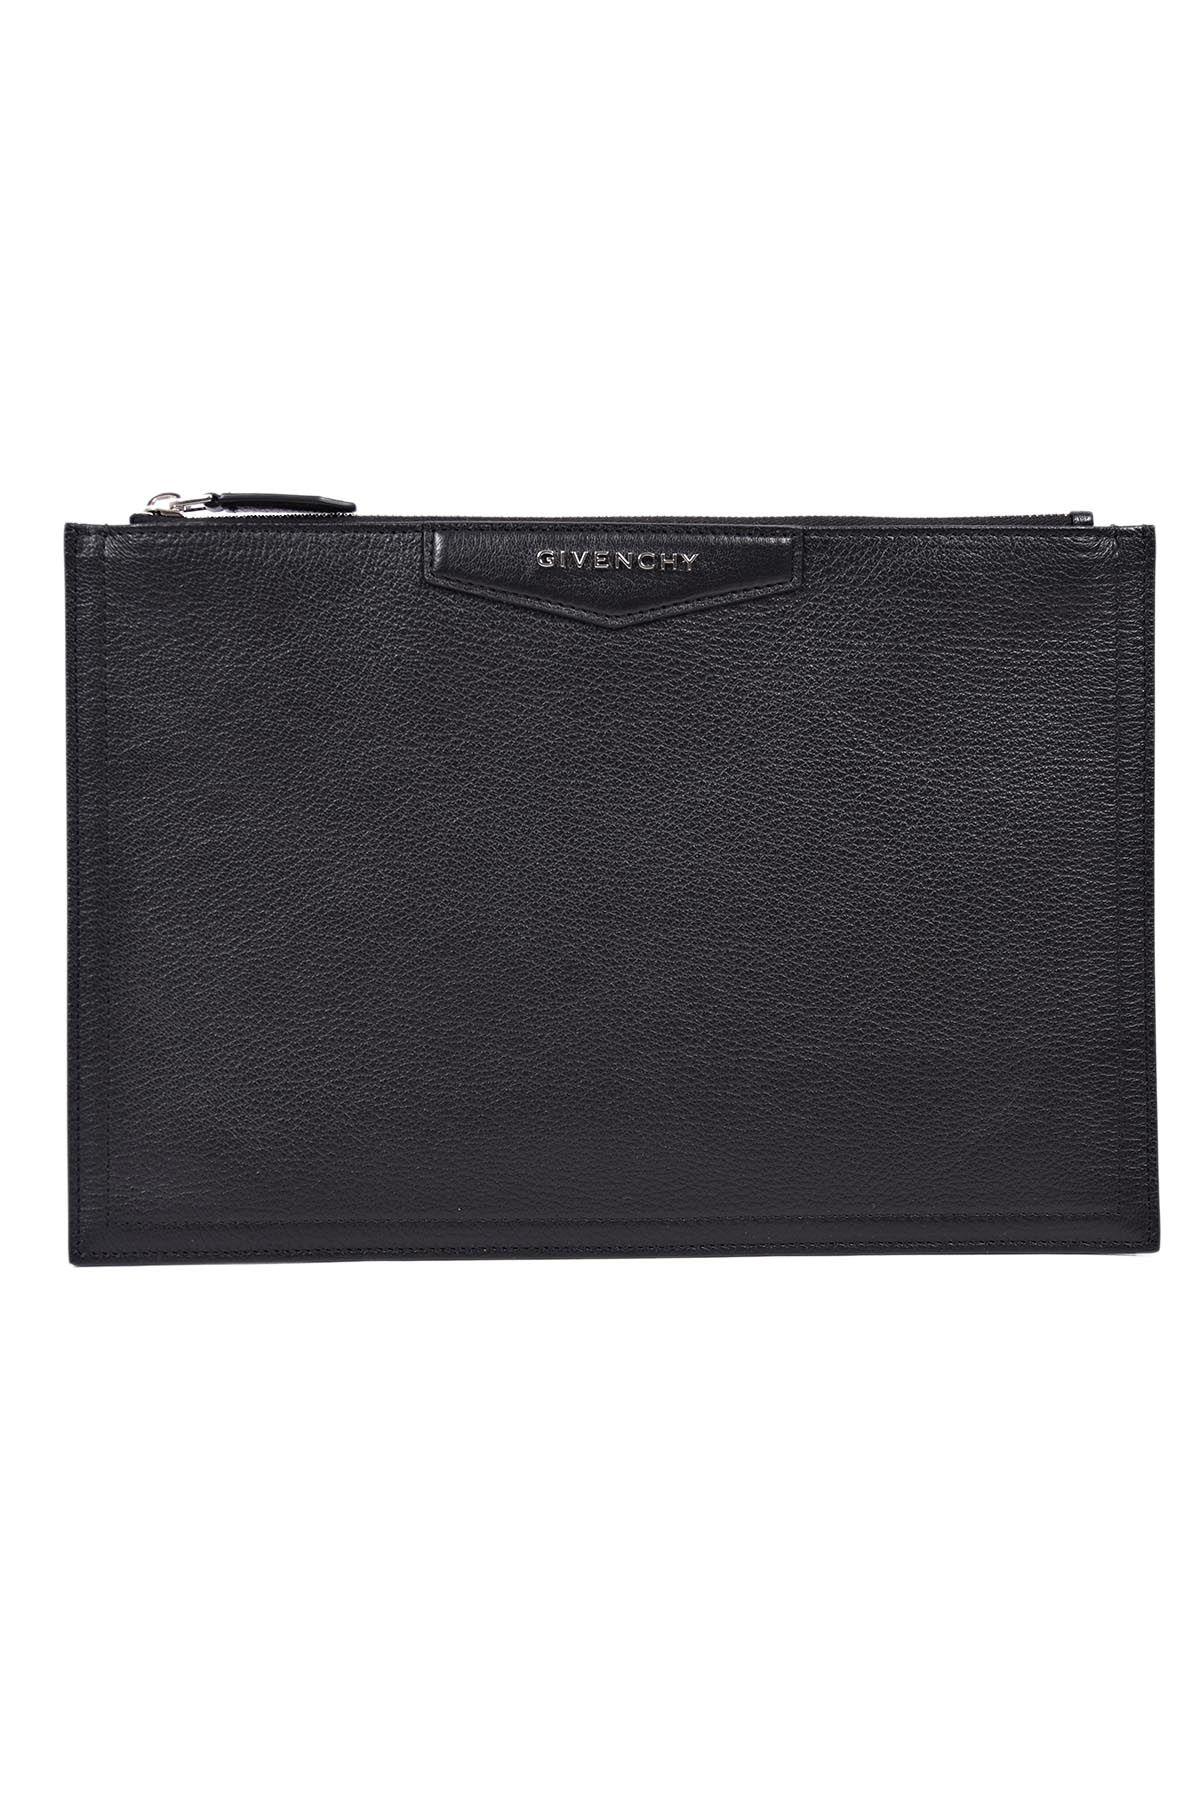 Givenchy Antigona Medium Pouch 10053414